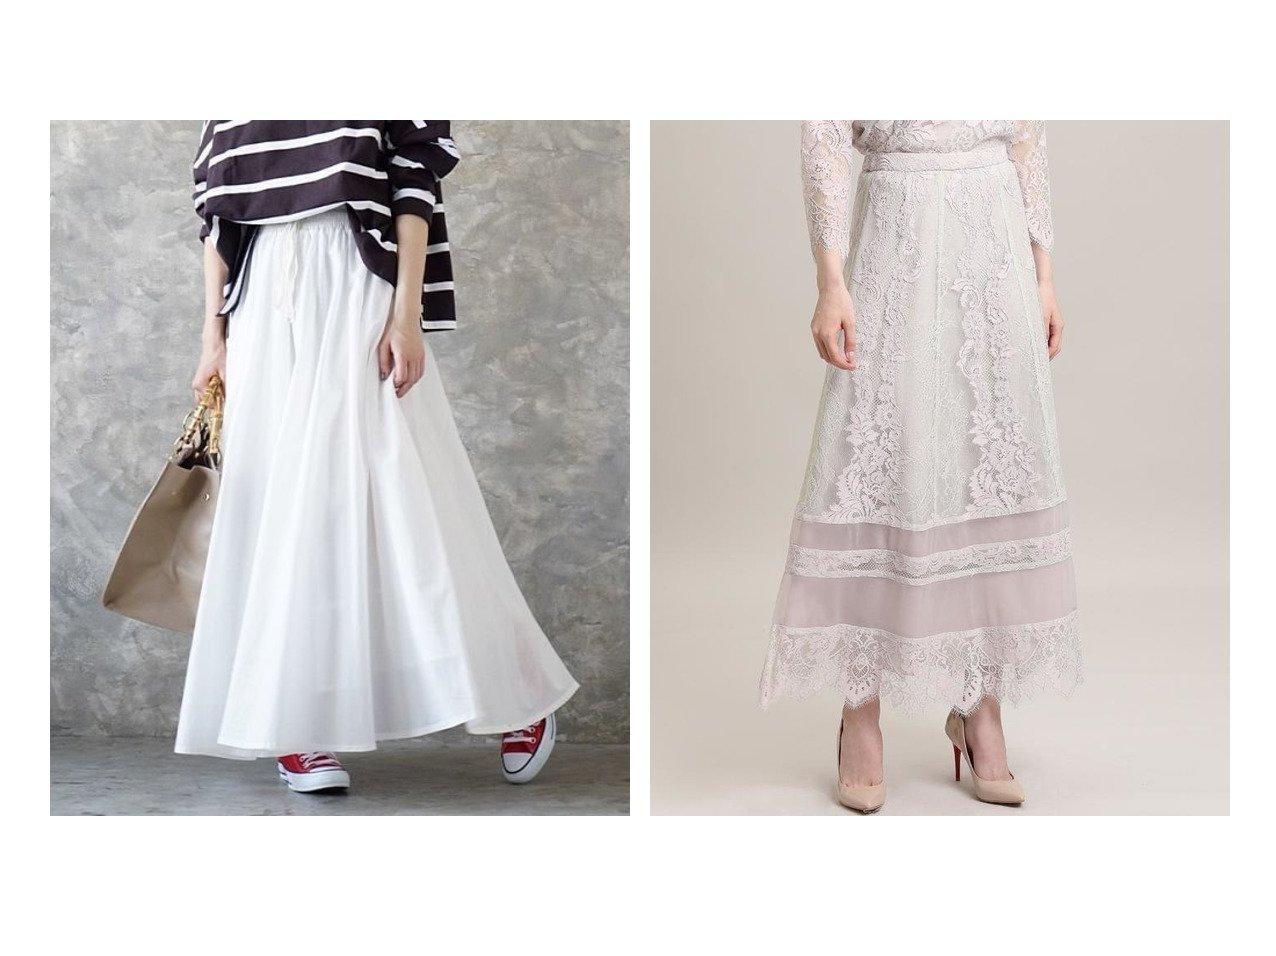 【zootie/ズーティー】のルーセント インドコットン マキシスカート 無地&【ef-de/エフデ】の《M Maglie le cassetto》レースロングスカート スカートのおすすめ!人気、トレンド・レディースファッションの通販  おすすめで人気の流行・トレンド、ファッションの通販商品 メンズファッション・キッズファッション・インテリア・家具・レディースファッション・服の通販 founy(ファニー) https://founy.com/ ファッション Fashion レディースファッション WOMEN スカート Skirt Aライン/フレアスカート Flared A-Line Skirts ロングスカート Long Skirt 2020年 2020 2020 春夏 S/S SS Spring/Summer 2020 S/S 春夏 SS Spring/Summer インド フリル マキシ 春 Spring 無地 ロング  ID:crp329100000019232